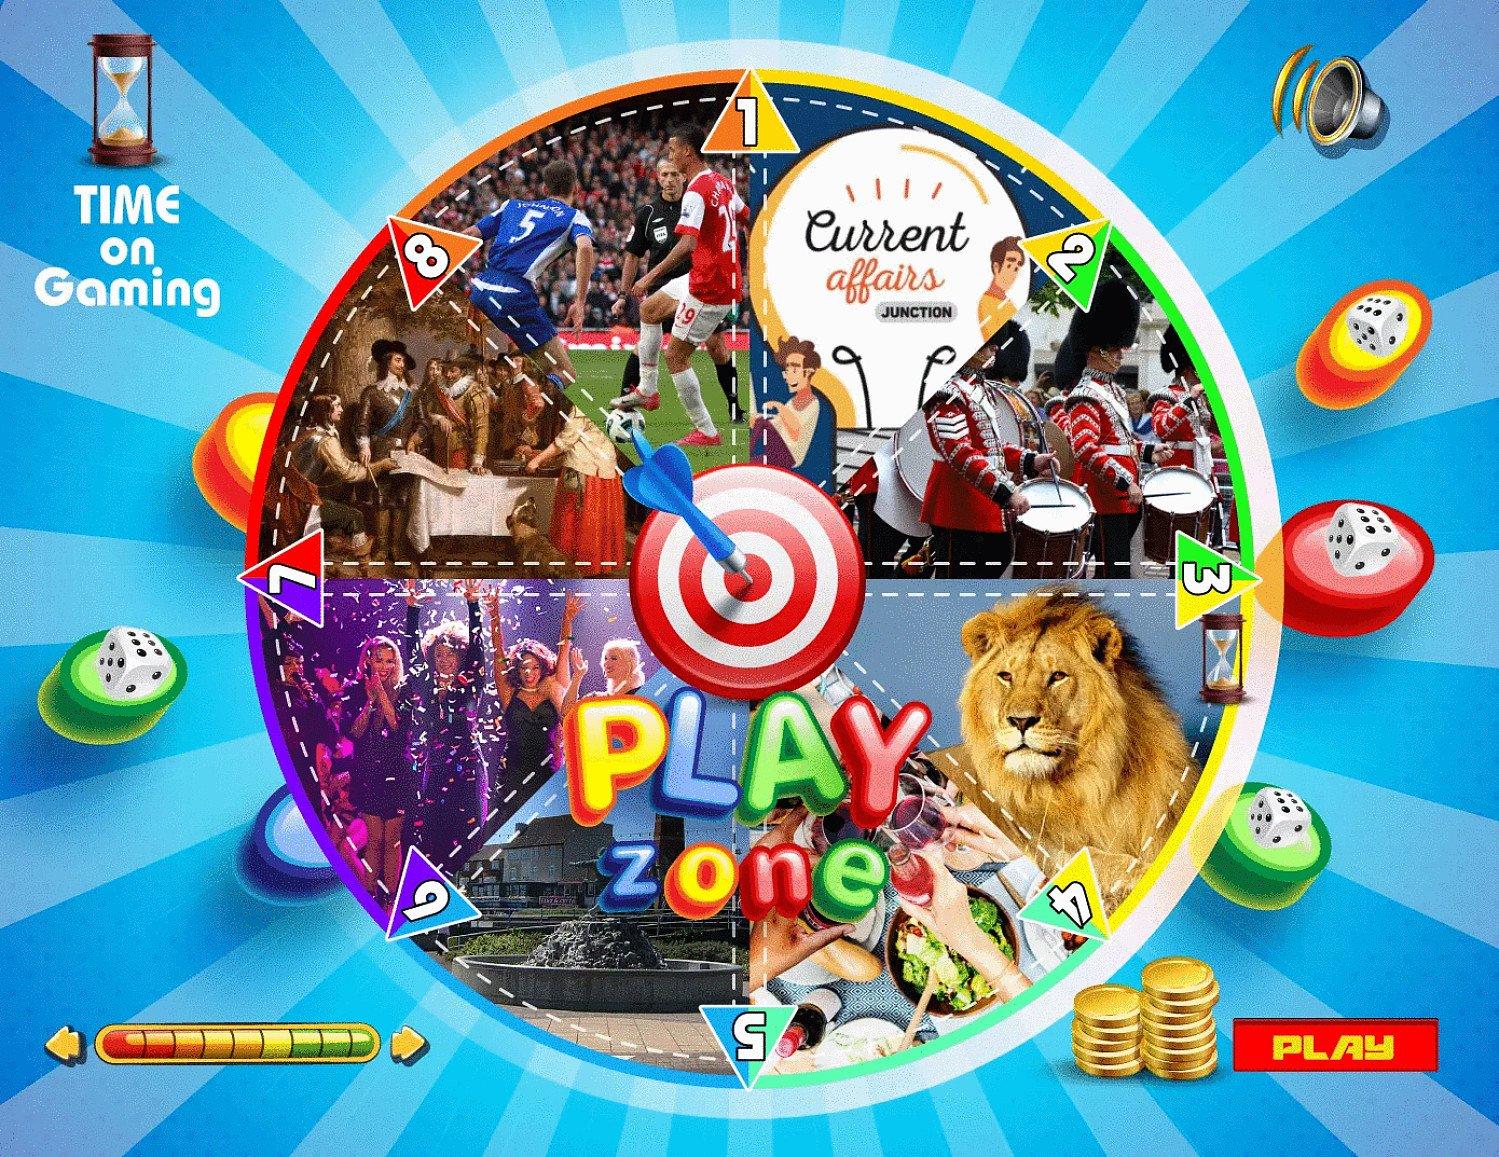 NEW PUB QUIZ GAME